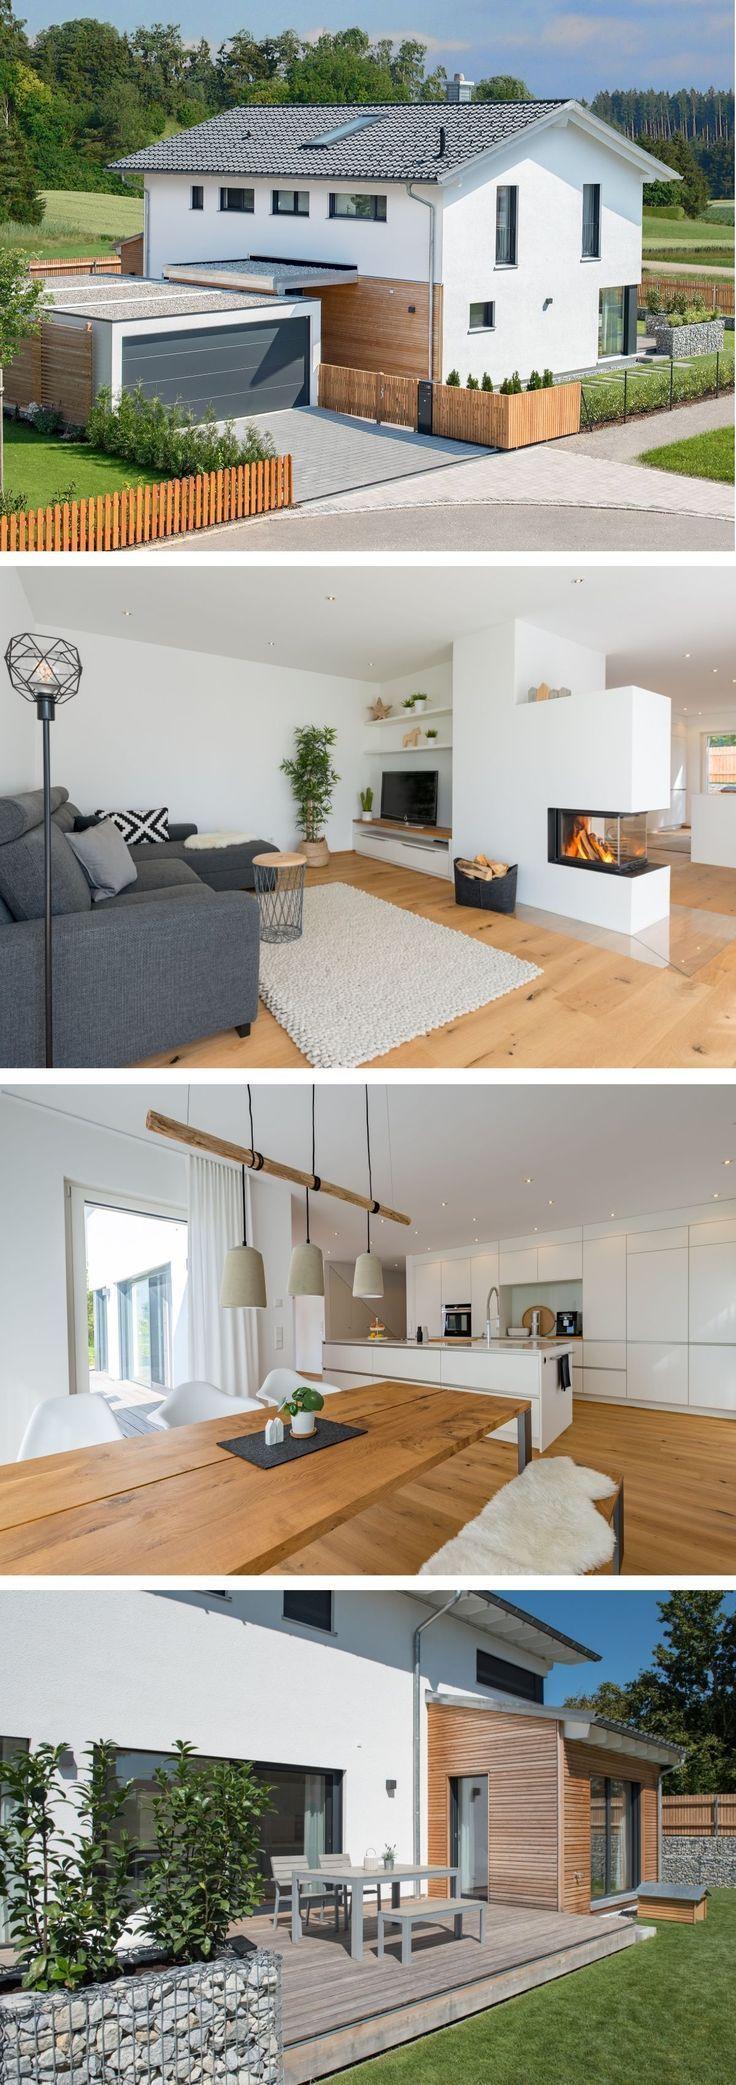 Einfamilienhaus Architektur im Landhausstil modern mit Garage Holz Fassade Sat  # Außenbereich